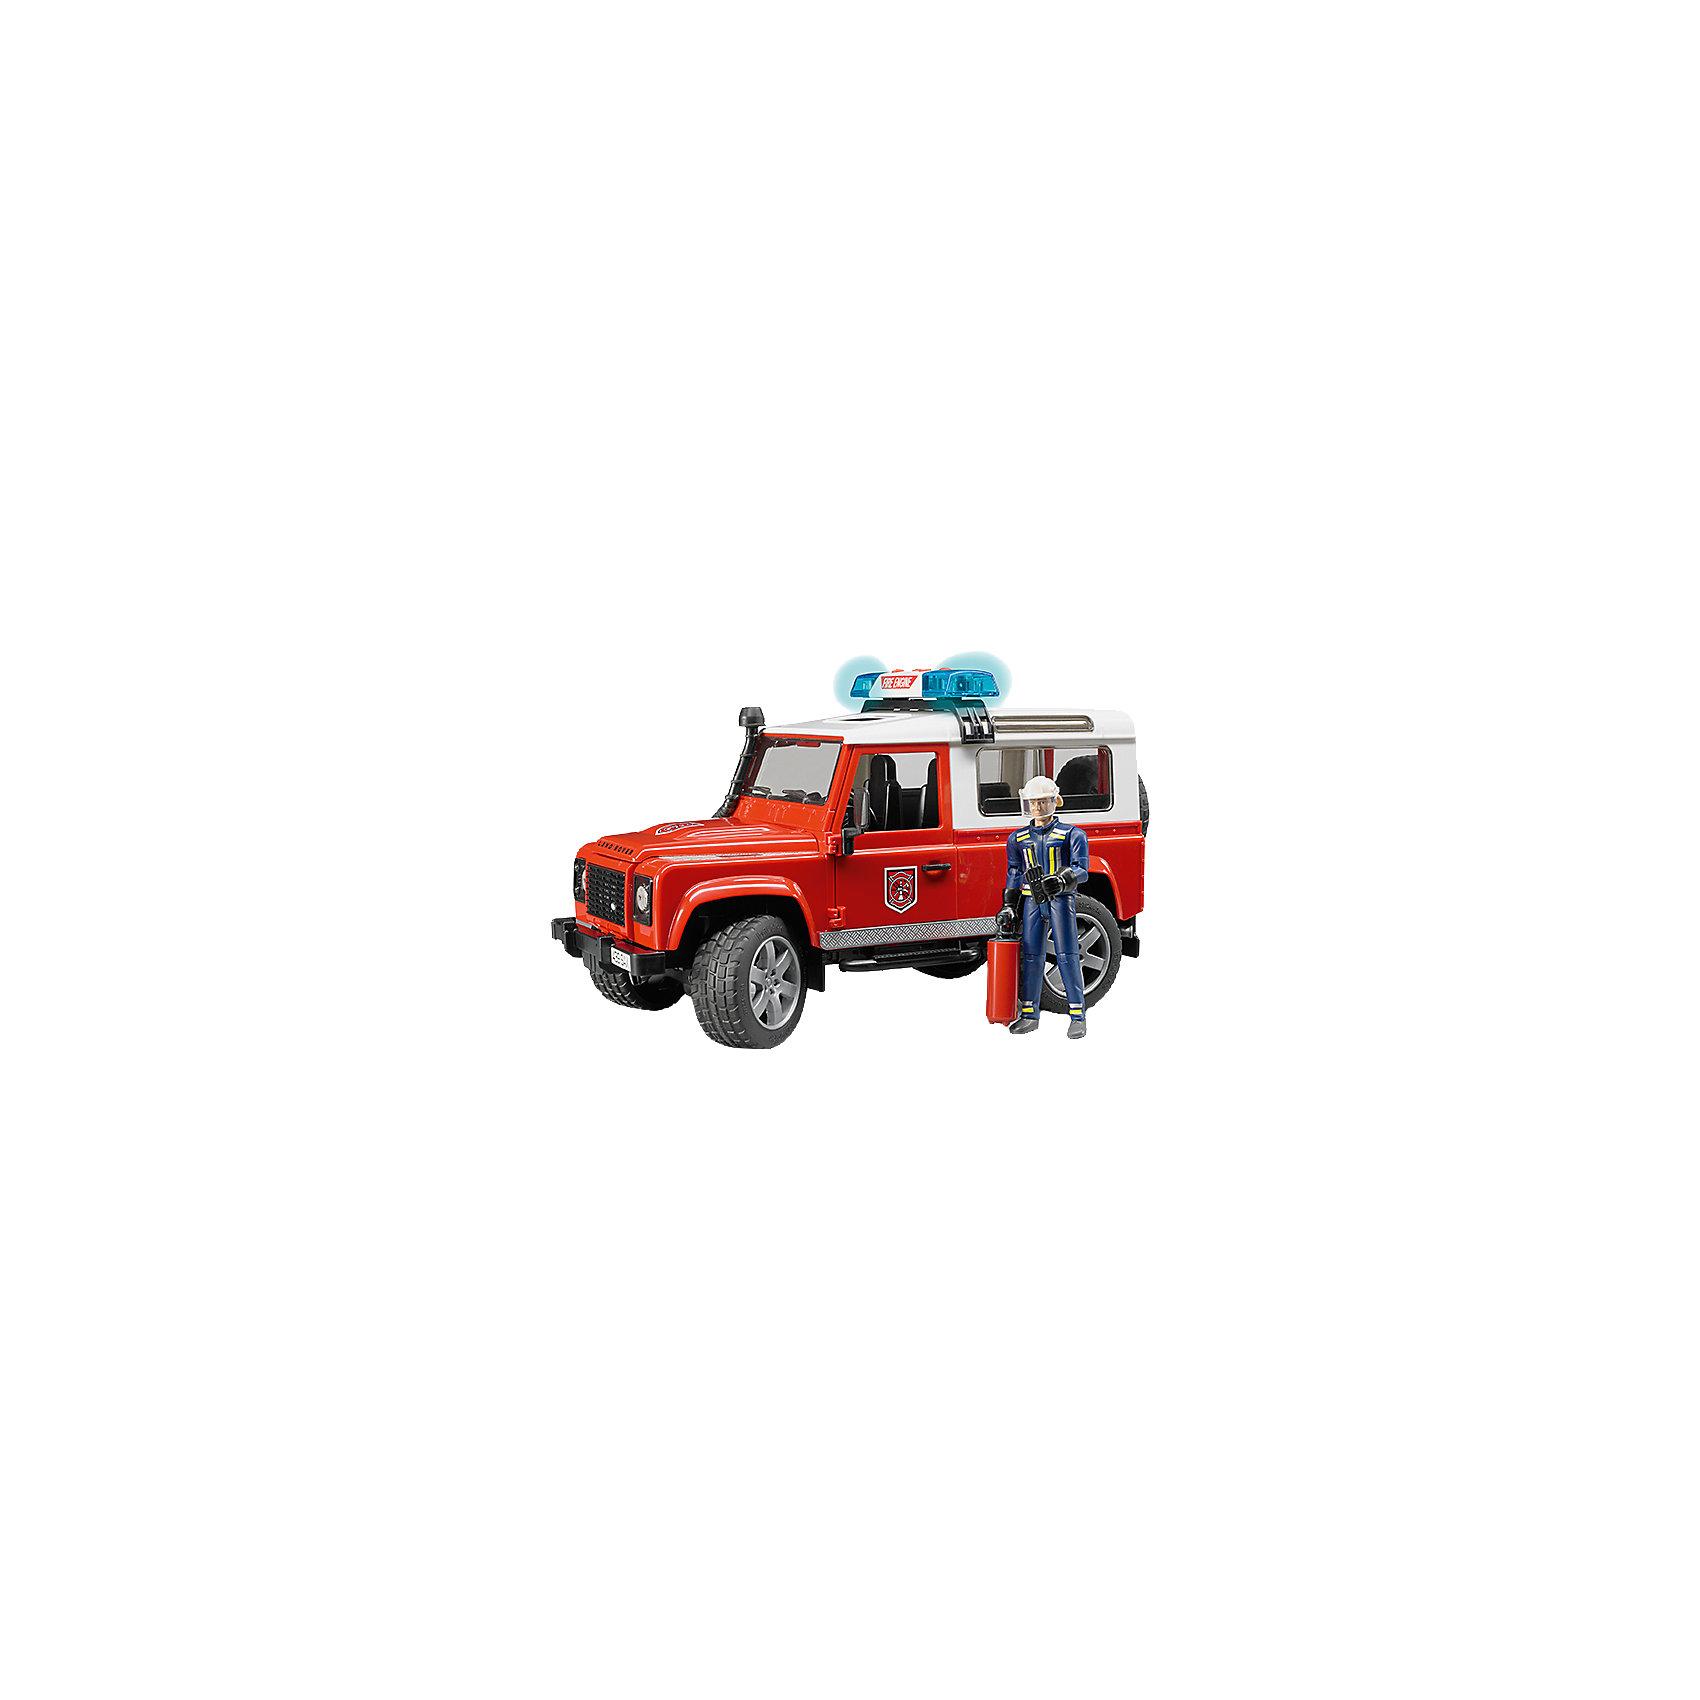 Внедорожник с фигуркой Land Rover Defender Station Wagon, BruderВнедорожник Land Rover Defender Пожарная с фигуркой, Bruder (Брудер) – это реалистичный игровой набор со звуковыми и световыми эффектами.<br>Внедорожник Land Rover Defender Пожарная от немецкого производителя игрушек Bruder (Брудер) напоминает автомобиль марки Land Rover Defender Station Wagon и выглядит очень реалистично. Автомобиль выполнен в виде спецтранспорта пожарной службы, поэтому имеет соответствующий цвет кузова и декоративные надписи. Помимо открывающихся дверей, багажника и капота, а также съемных задних сидений, у машинки есть работающая рулевая передача - передние колеса поворачиваются вслед за рулем. Машинкой можно управлять через открытый люк в крыше при помощи специального рычага, который удлиняет рулевую стойку. На передних и задних осях внедорожника установлены амортизаторы, позволяющие машине ездить даже по неровной поверхности, преодолевая различные препятствия. Прорезиненные колеса с рельефными протекторами выполнены очень правдоподобно. С левой стороны кабины проходит выхлопная труба. На задней двери находится запасное колесо. На внедорожник можно установить мигалку, которая работает в 4 звуковых режимах (звук работающего двигателя или один из трех видов сирены) и светится. Фигурка пожарного выполнена в отличном качестве, все детали тщательно проработаны. Руки и ноги игрушки подвижны, пазы на руках могут удерживать руль машинки и аксессуары из набора. В экипировку пожарного входят рация, огнетушитель, перчатки и каска. Каску можно снимать и одевать. Продукция сертифицирована, экологически безопасна для ребенка, использованные красители не токсичны и гипоаллергенны.<br><br>Дополнительная информация:<br><br>- В комплекте: машинка, фигурка пожарного, универсальная мигалка, аксессуары<br>- Размер внедорожника: 28х14х15,3 см.<br>- Масштаб 1:16<br>- Материал: высококачественный пластик<br>- Батарейки: 3 типа AG13 / LR44 (входят в комплект)<br><br>Внедорожник Land Rover Defender Пожарная